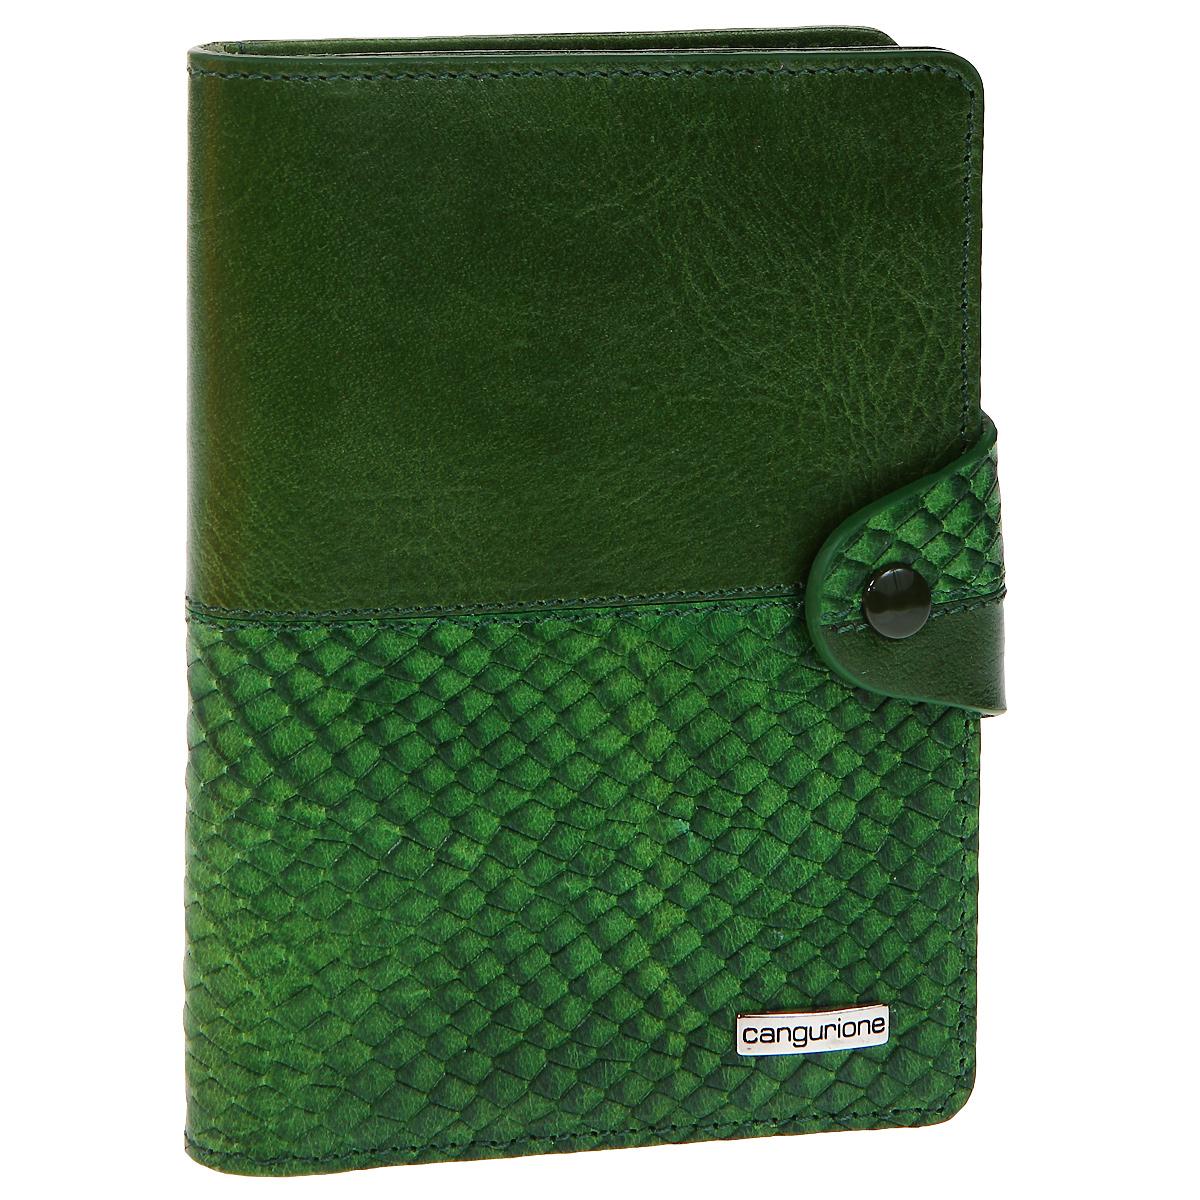 Обложка для автодокументов Cangurione, цвет: зеленый. 3341-009 DP-ANC3341-009 DP-ANC/GreenОбложка для автодокументов Cangurione выполнена из натуральной кожи зеленого цвета с декоративным тиснением под крокодила. На внутреннем развороте - 4 кармашка для пластиковых и кредитных карт, потайное отделение, окошко для фотографии и два кармашка для документов. Обложка закрывается при помощи хлястика на кнопку. Обложка не только поможет сохранить внешний вид ваших документов и защитит их от повреждений, но и станет стильным аксессуаром, который подчеркнет ваш неповторимый стиль. Обложка упакована в коробку из плотного картона с логотипом фирмы. Характеристики:Материал: натуральная кожа, металл. Цвет: зеленый. Размер обложки: 10 см х 13,5 см х 1,5 см. Размер упаковки: 11,5 см х 15,5 см х 2 см. Артикул: 3341-009 DP-ANC/Green.